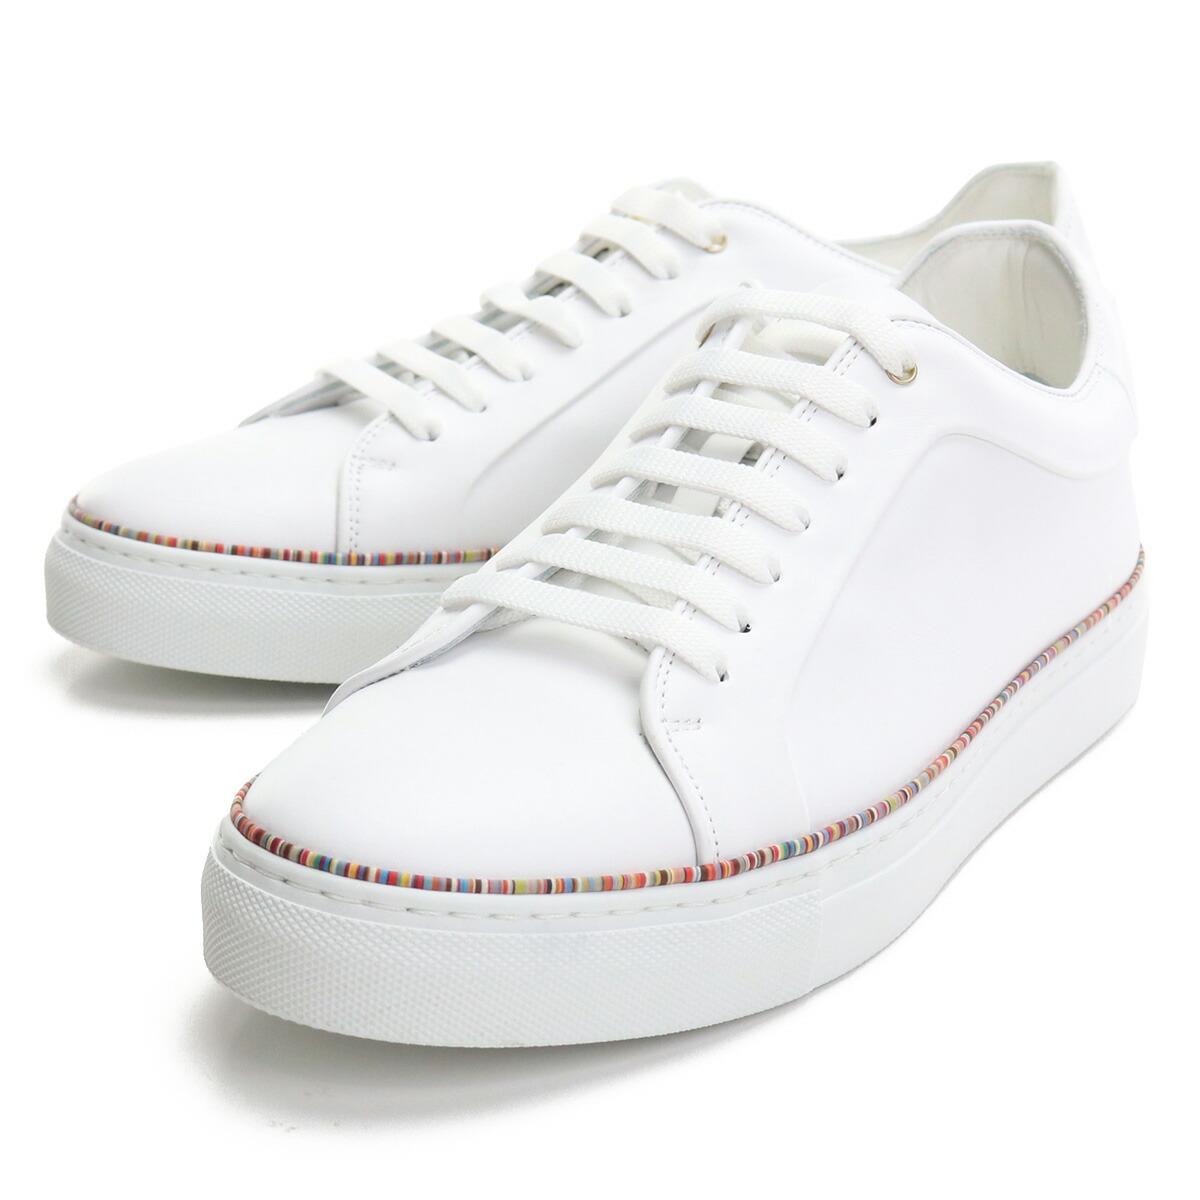 ポール・スミス Paul Smith  メンズスニーカー 白スニーカー ブランドスニーカー M1SBAS74 ETRI 01 WHITE ホワイト系 shoes-01